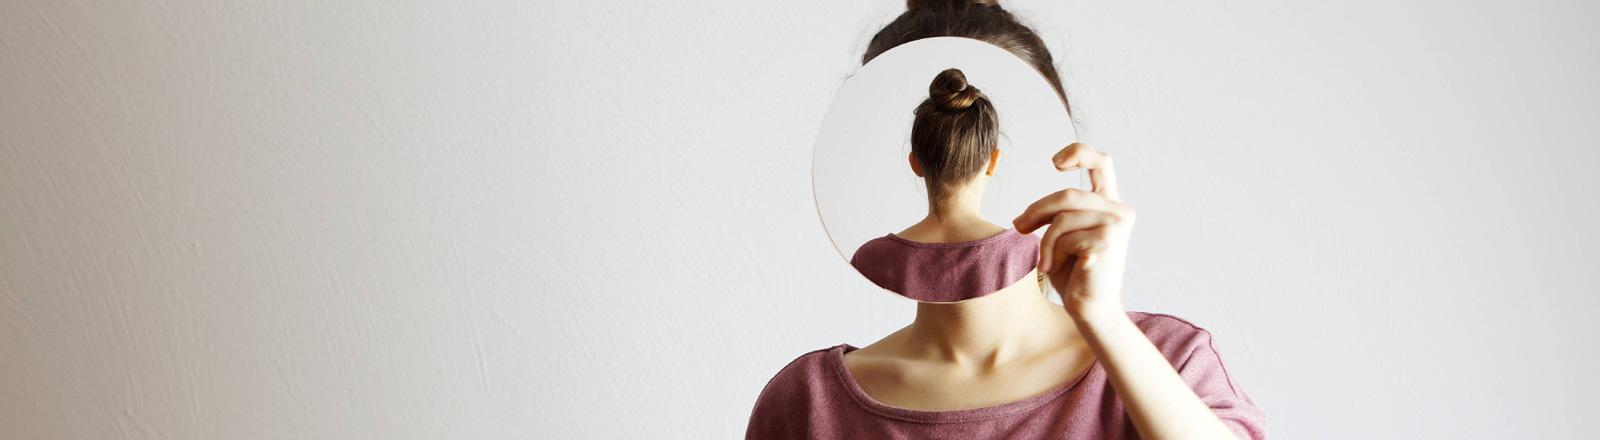 Eine Frau blickt in den Spiegel. Symbolbild für Identitätsfragen.